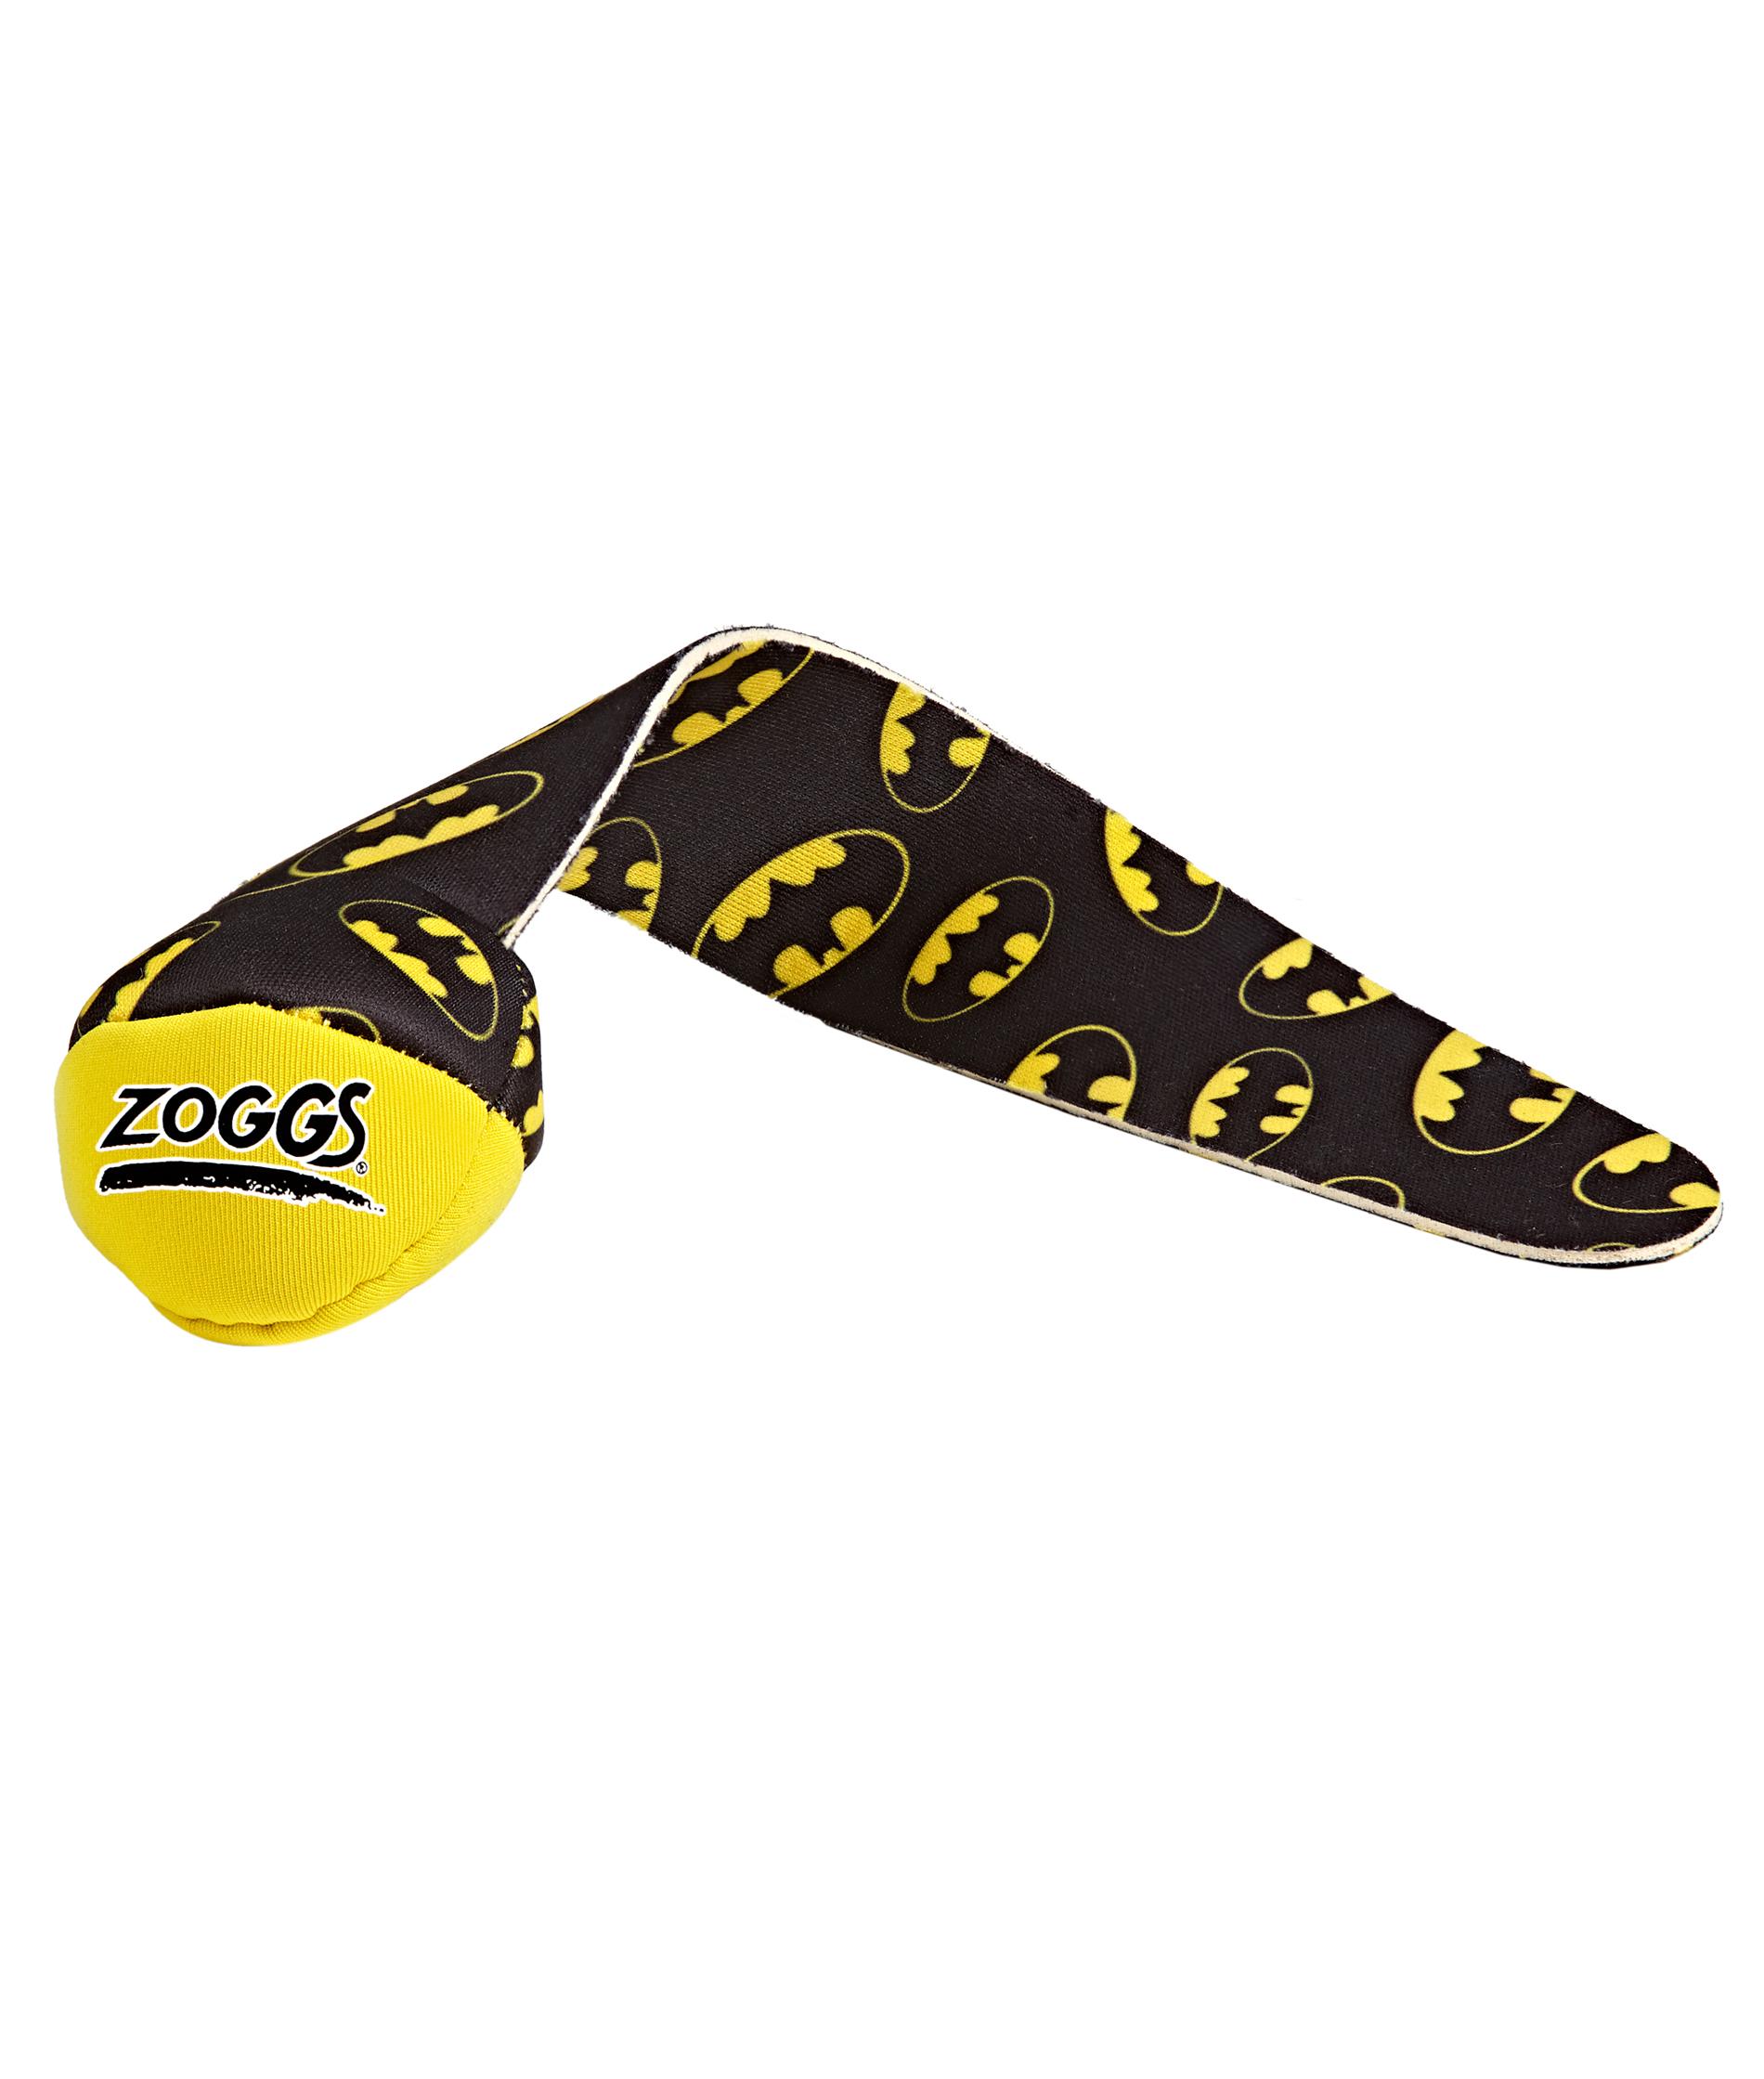 Zoggs Super Heroes Batman Dive Ball